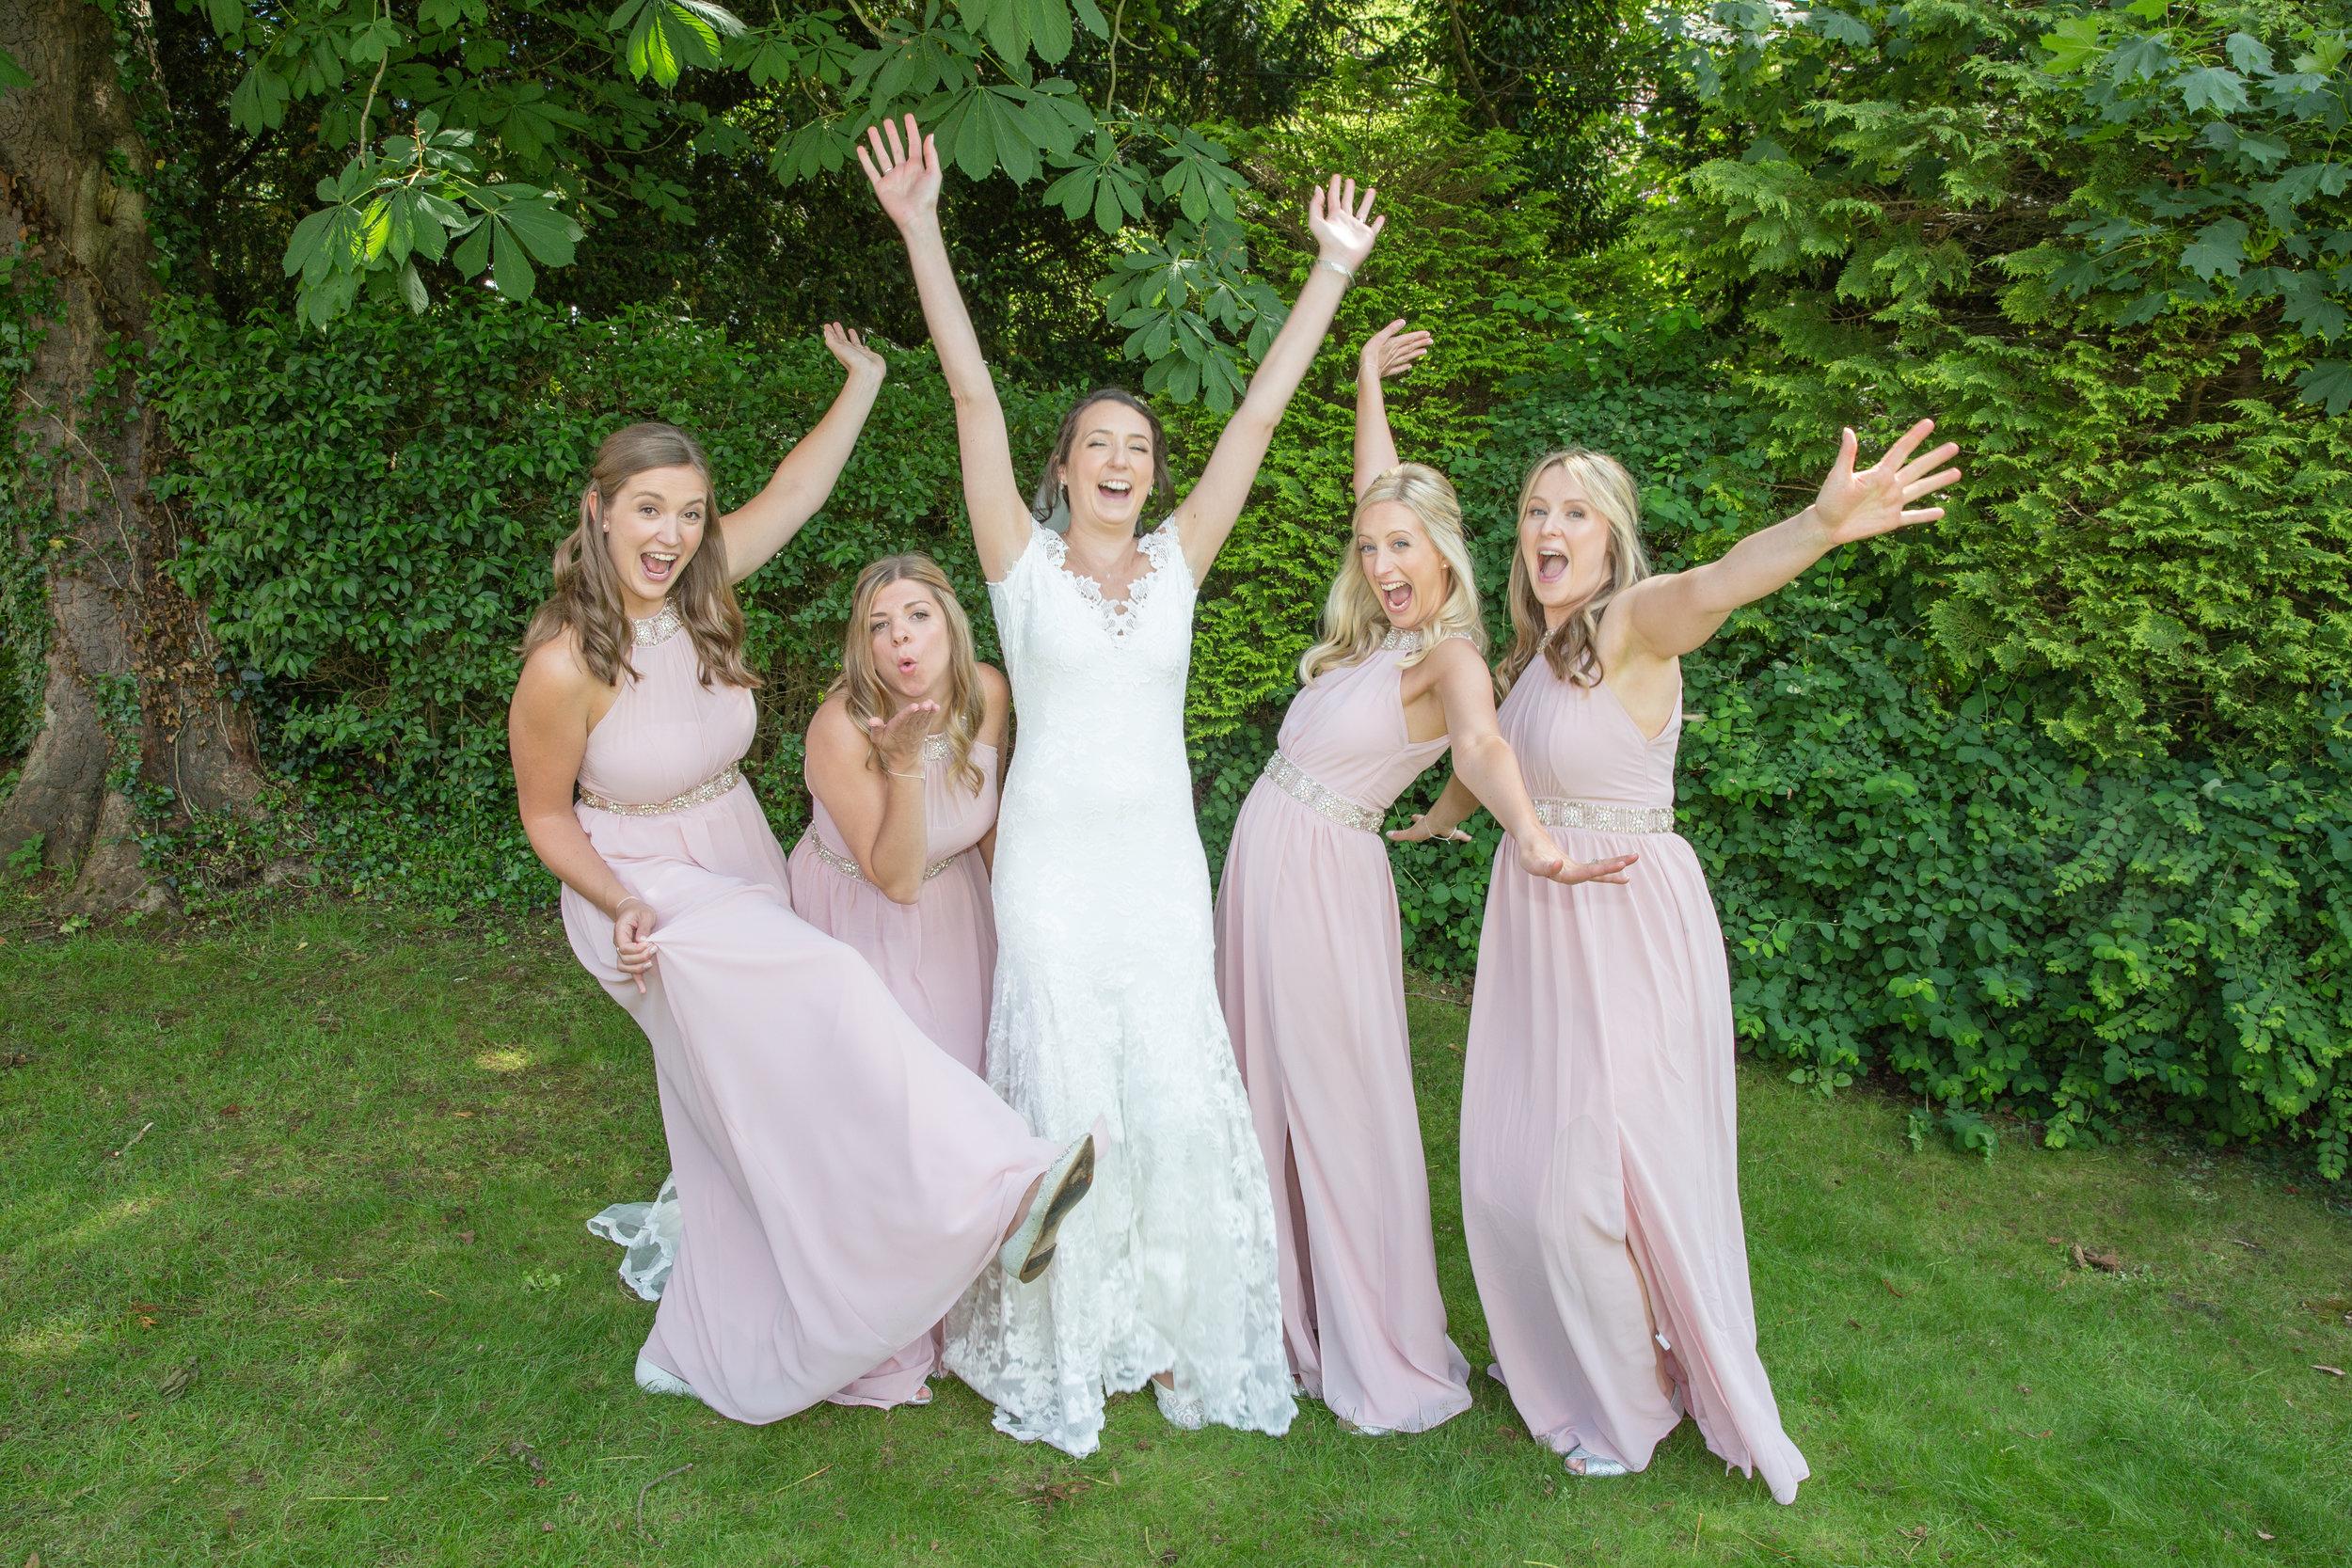 bride-bridesmaids-funny.jpg